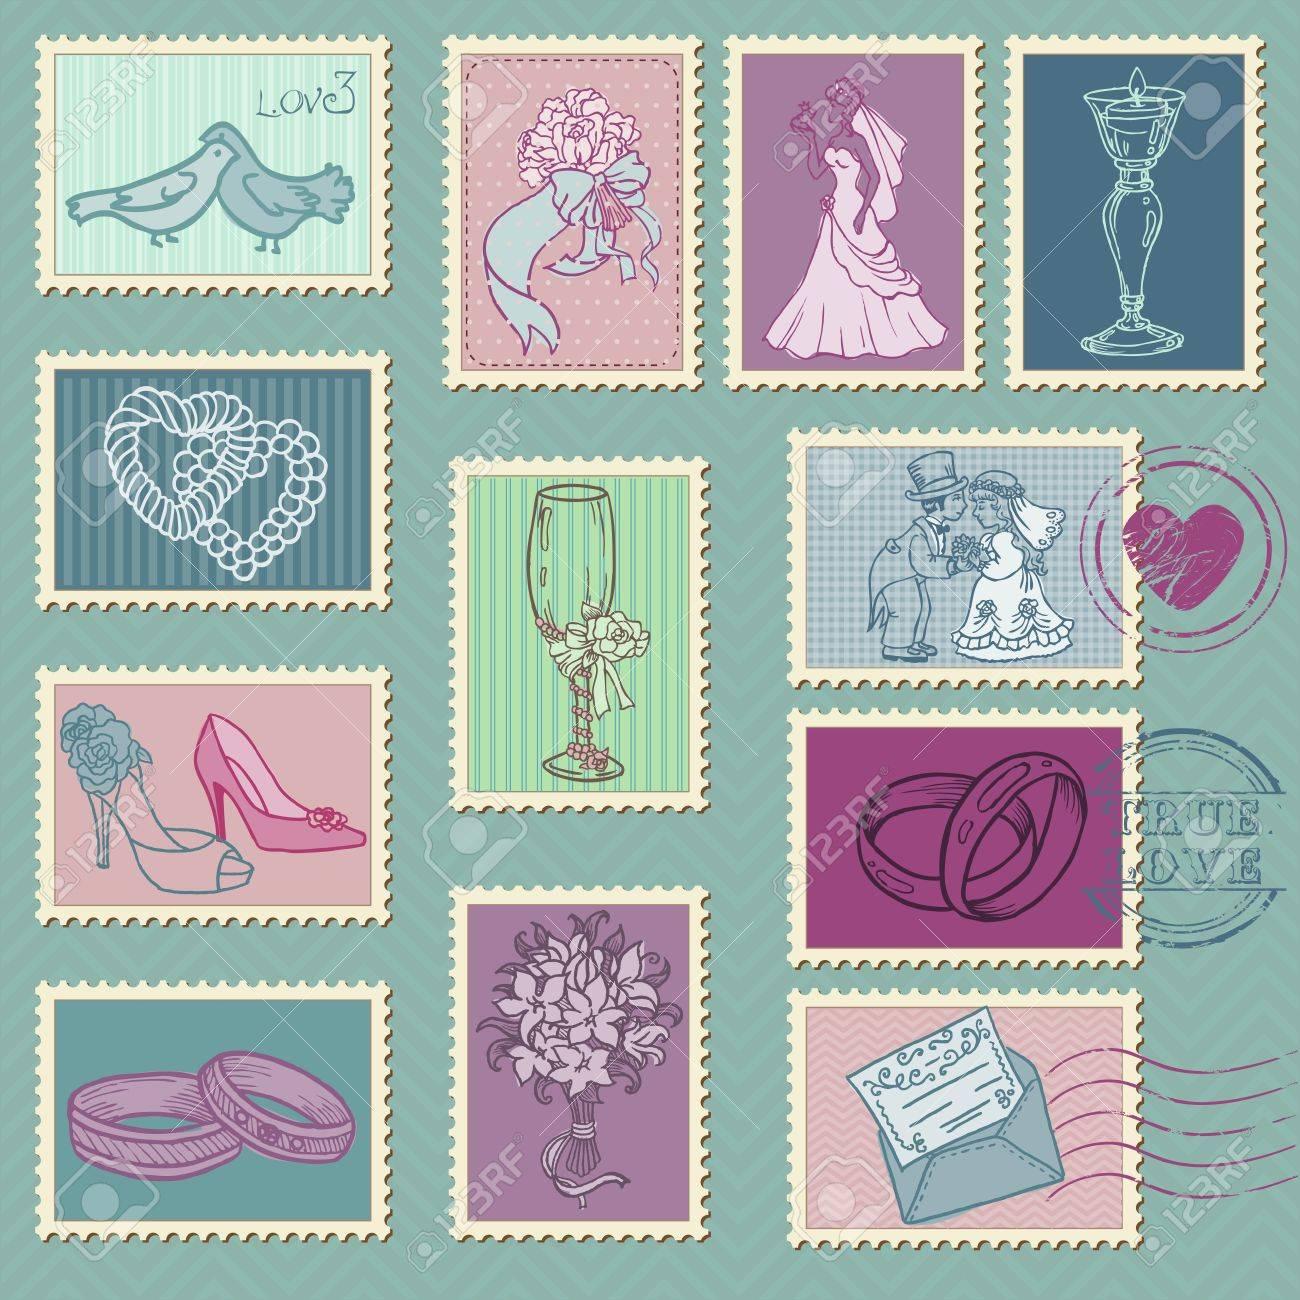 stock illustration vintage postcard background and postage wedding postage stamps Vintage postcard background and Postage Stamps for wedding car Stock Vector